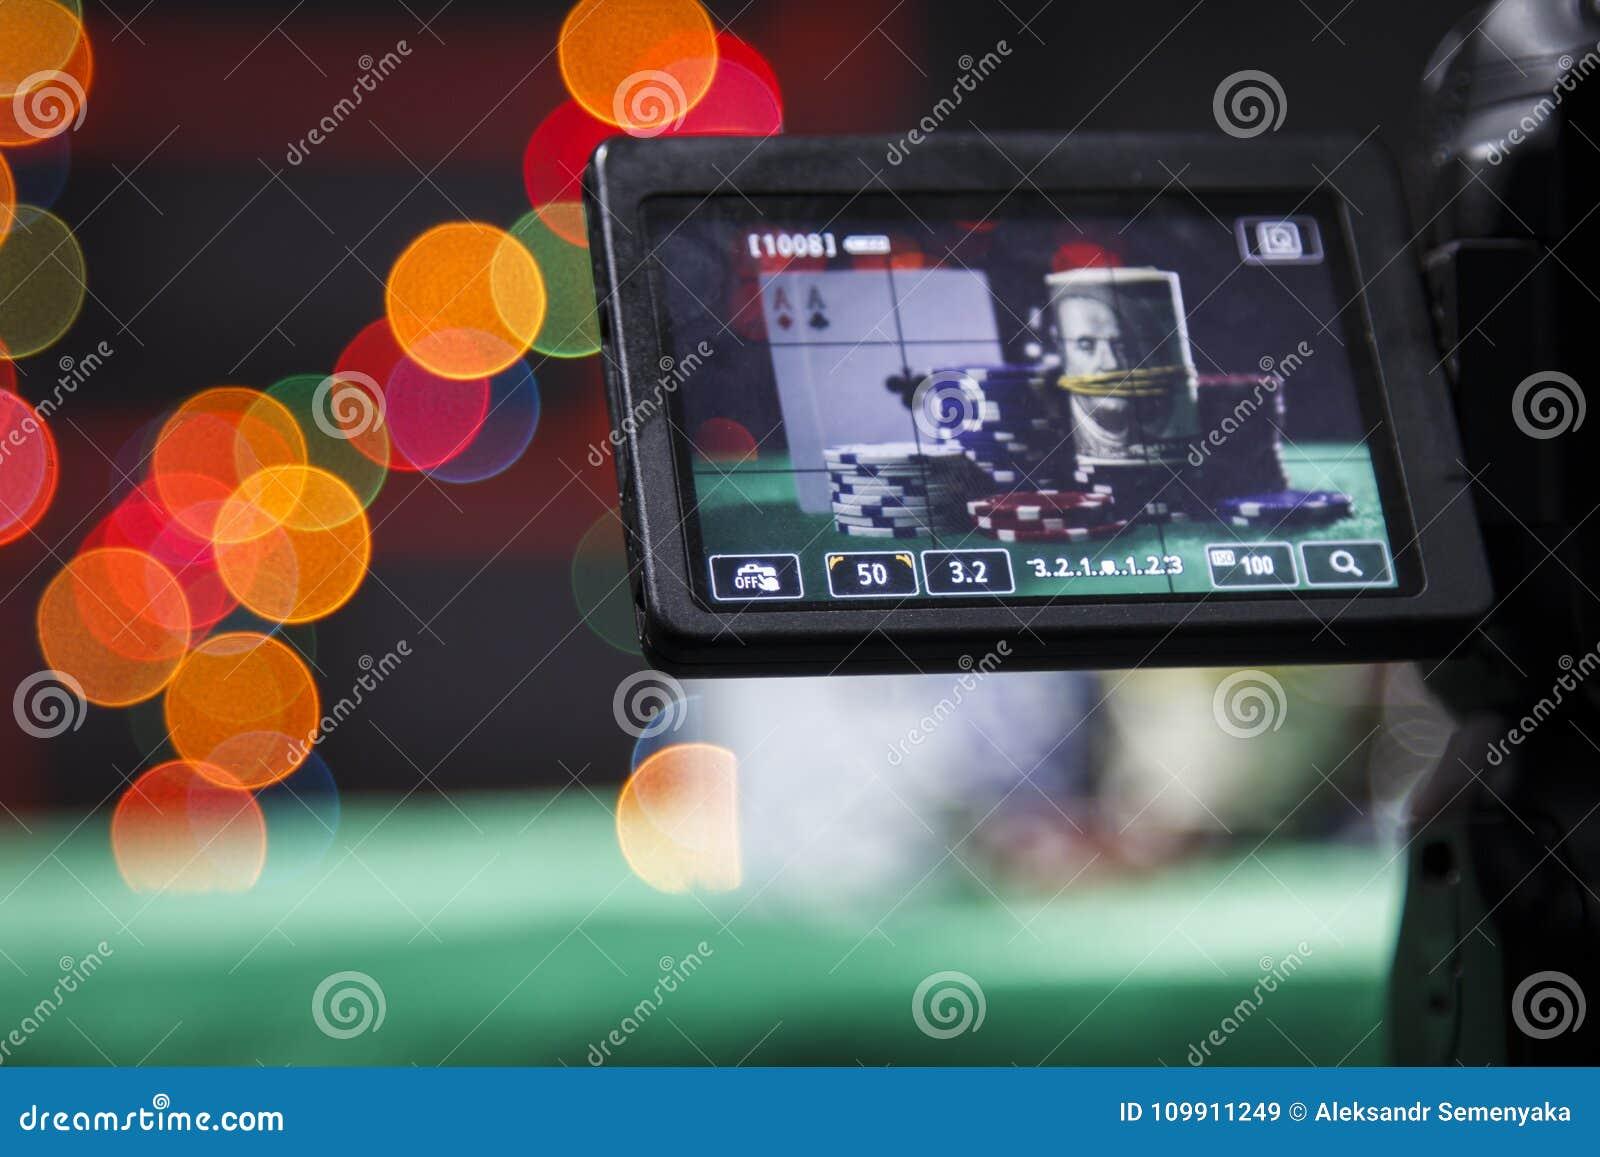 Pokerchips im Sucher auf Kamera